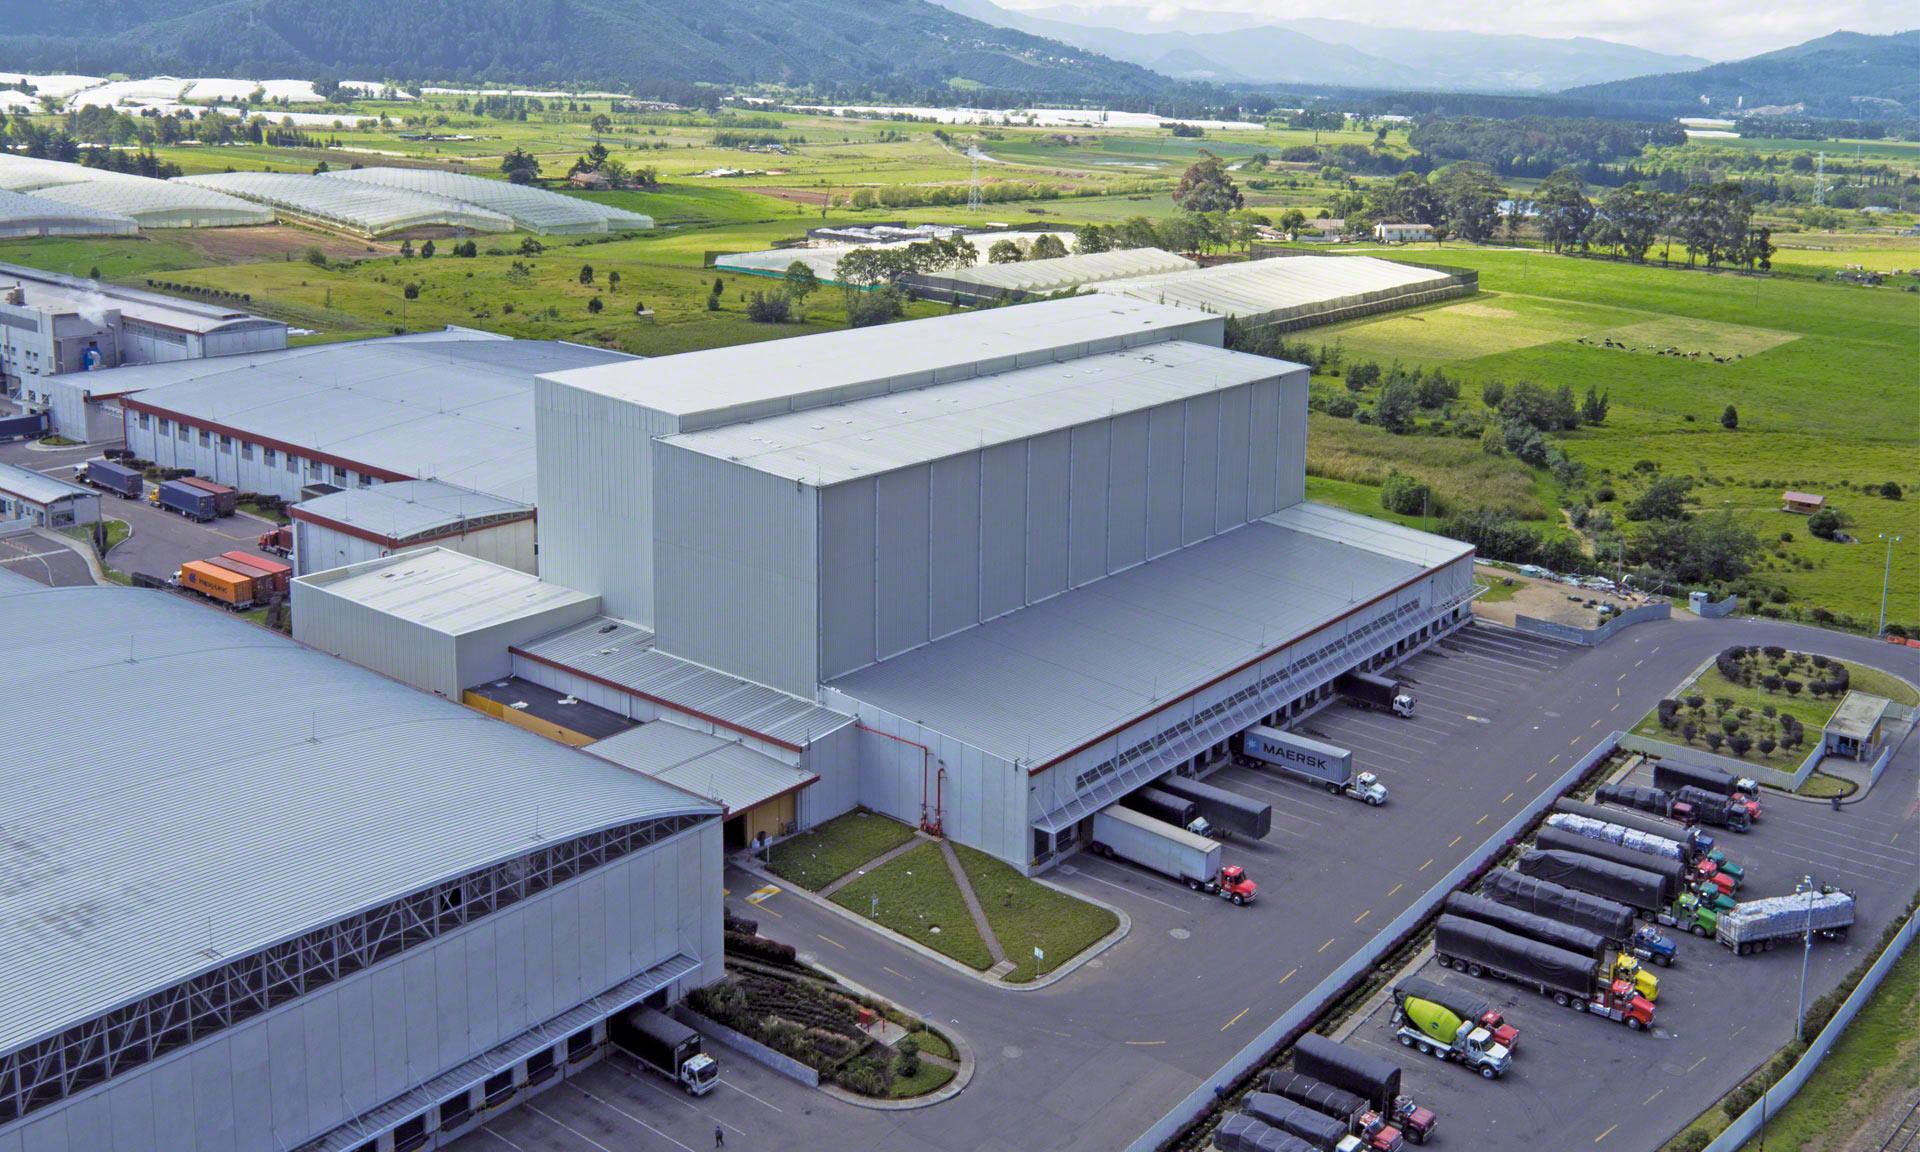 Grupo Familia cuenta con una bodega automática autoportante de 35 m de altura capaz de gestionar cerca de 17.000 estibas